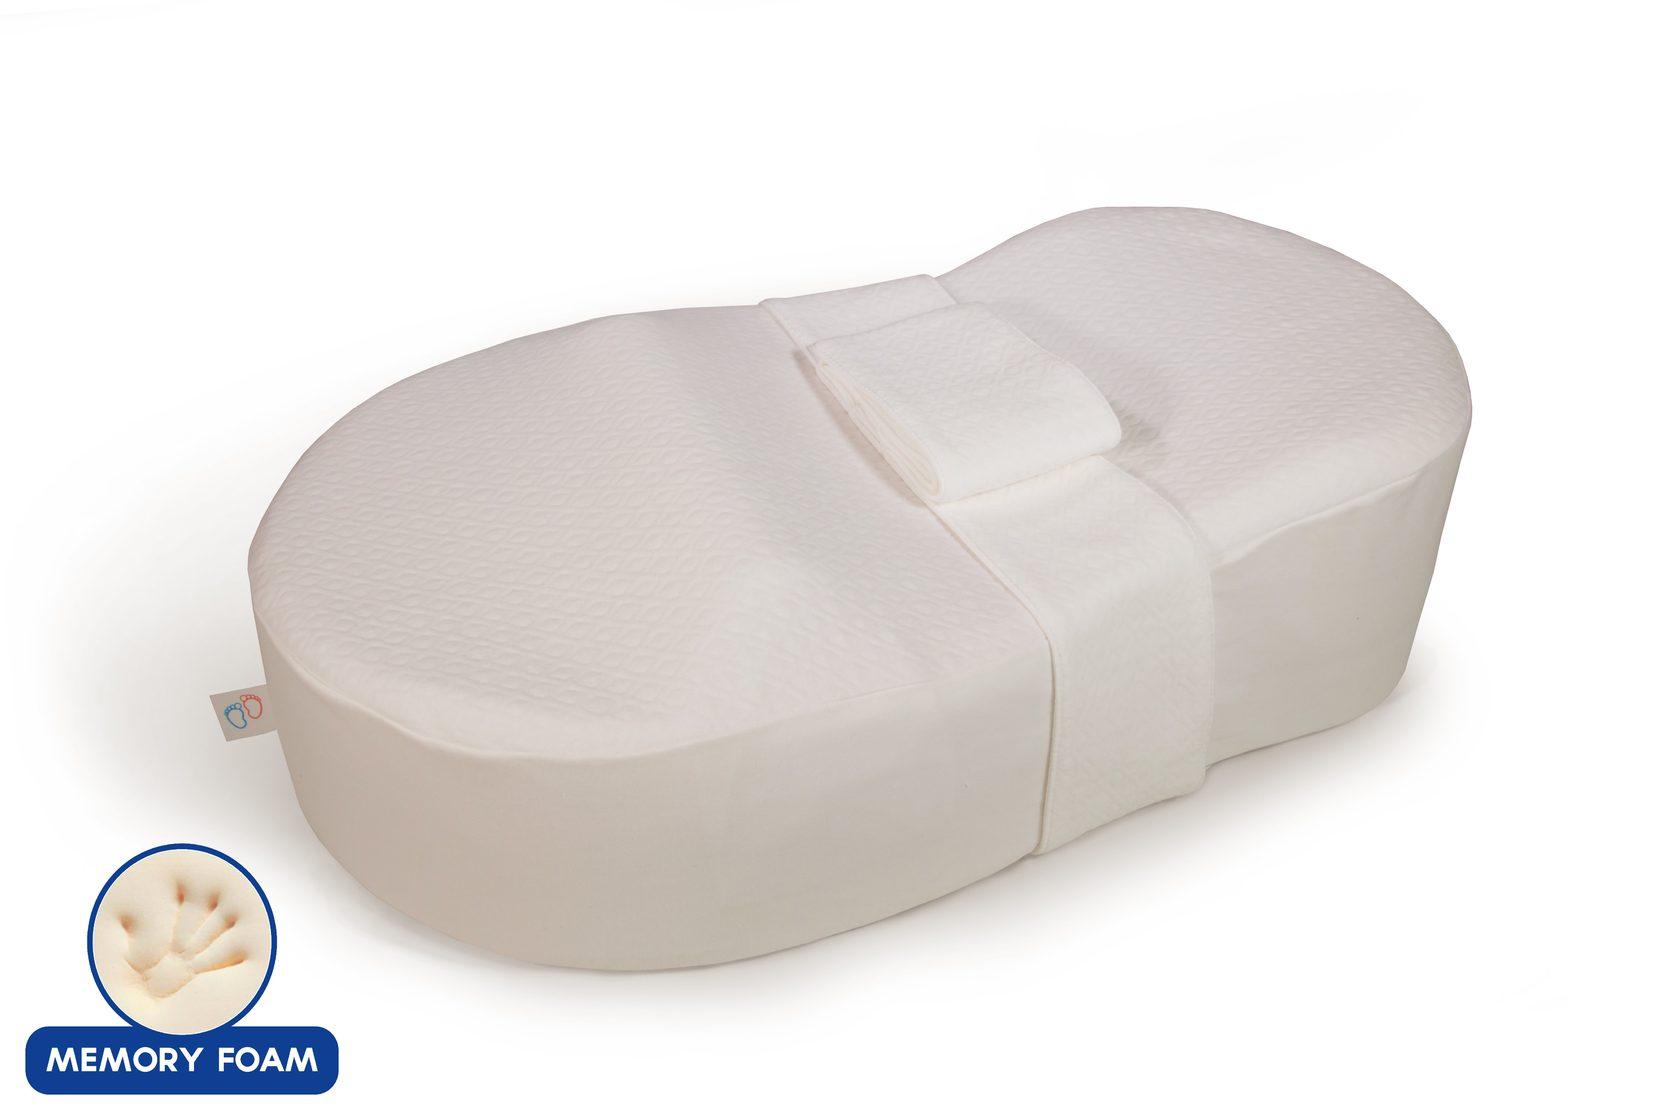 Кокон для новорожденного Седьмое Небо Люкс из пенополиуретана MemoryFoam с доп чехлом